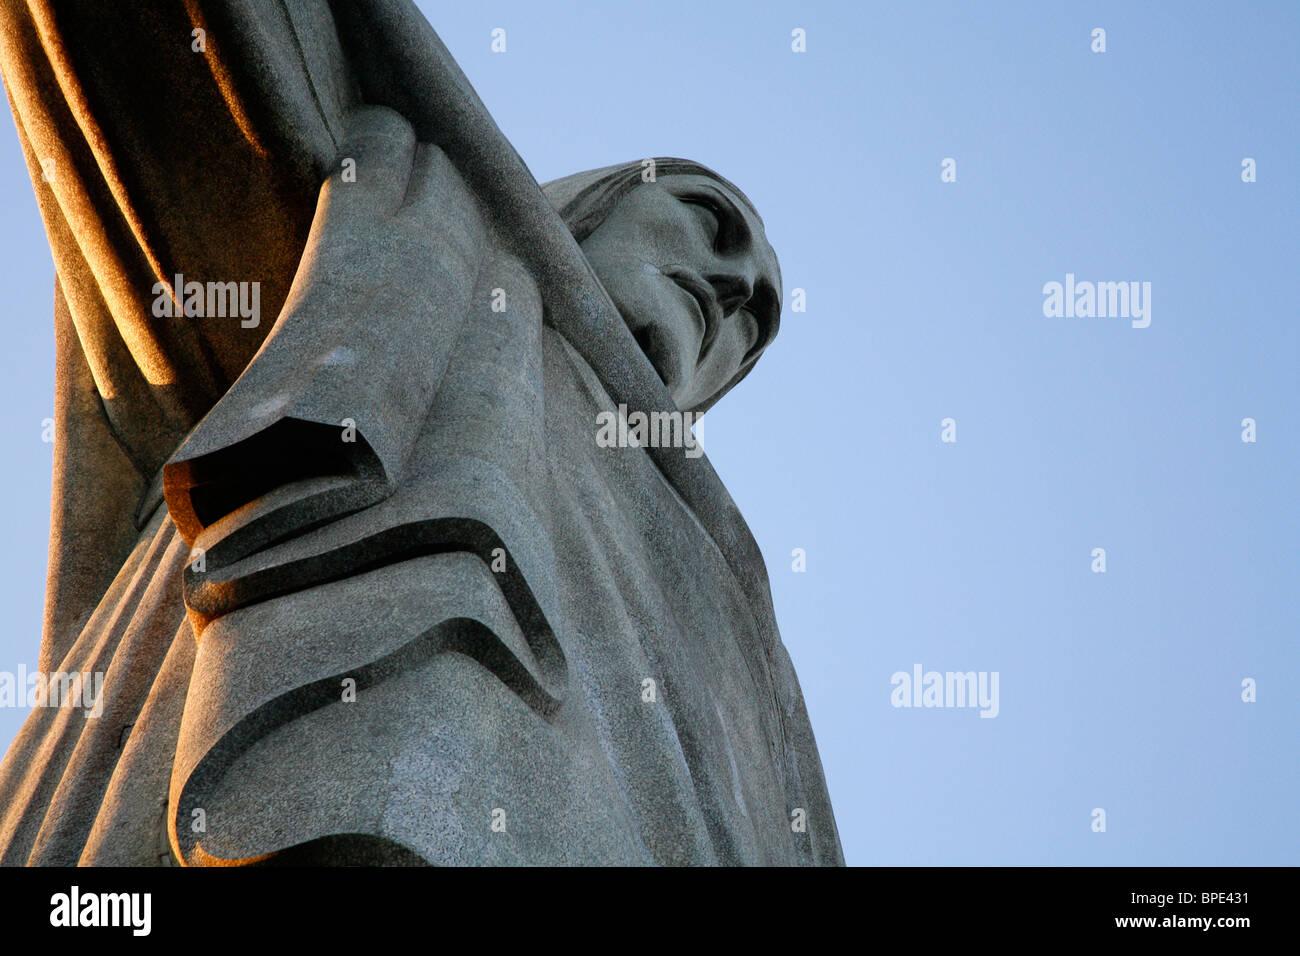 Die Statue von Christus dem Erlöser auf dem Corcovado-Berg. Rio De Janeiro, Brasilien. Stockbild